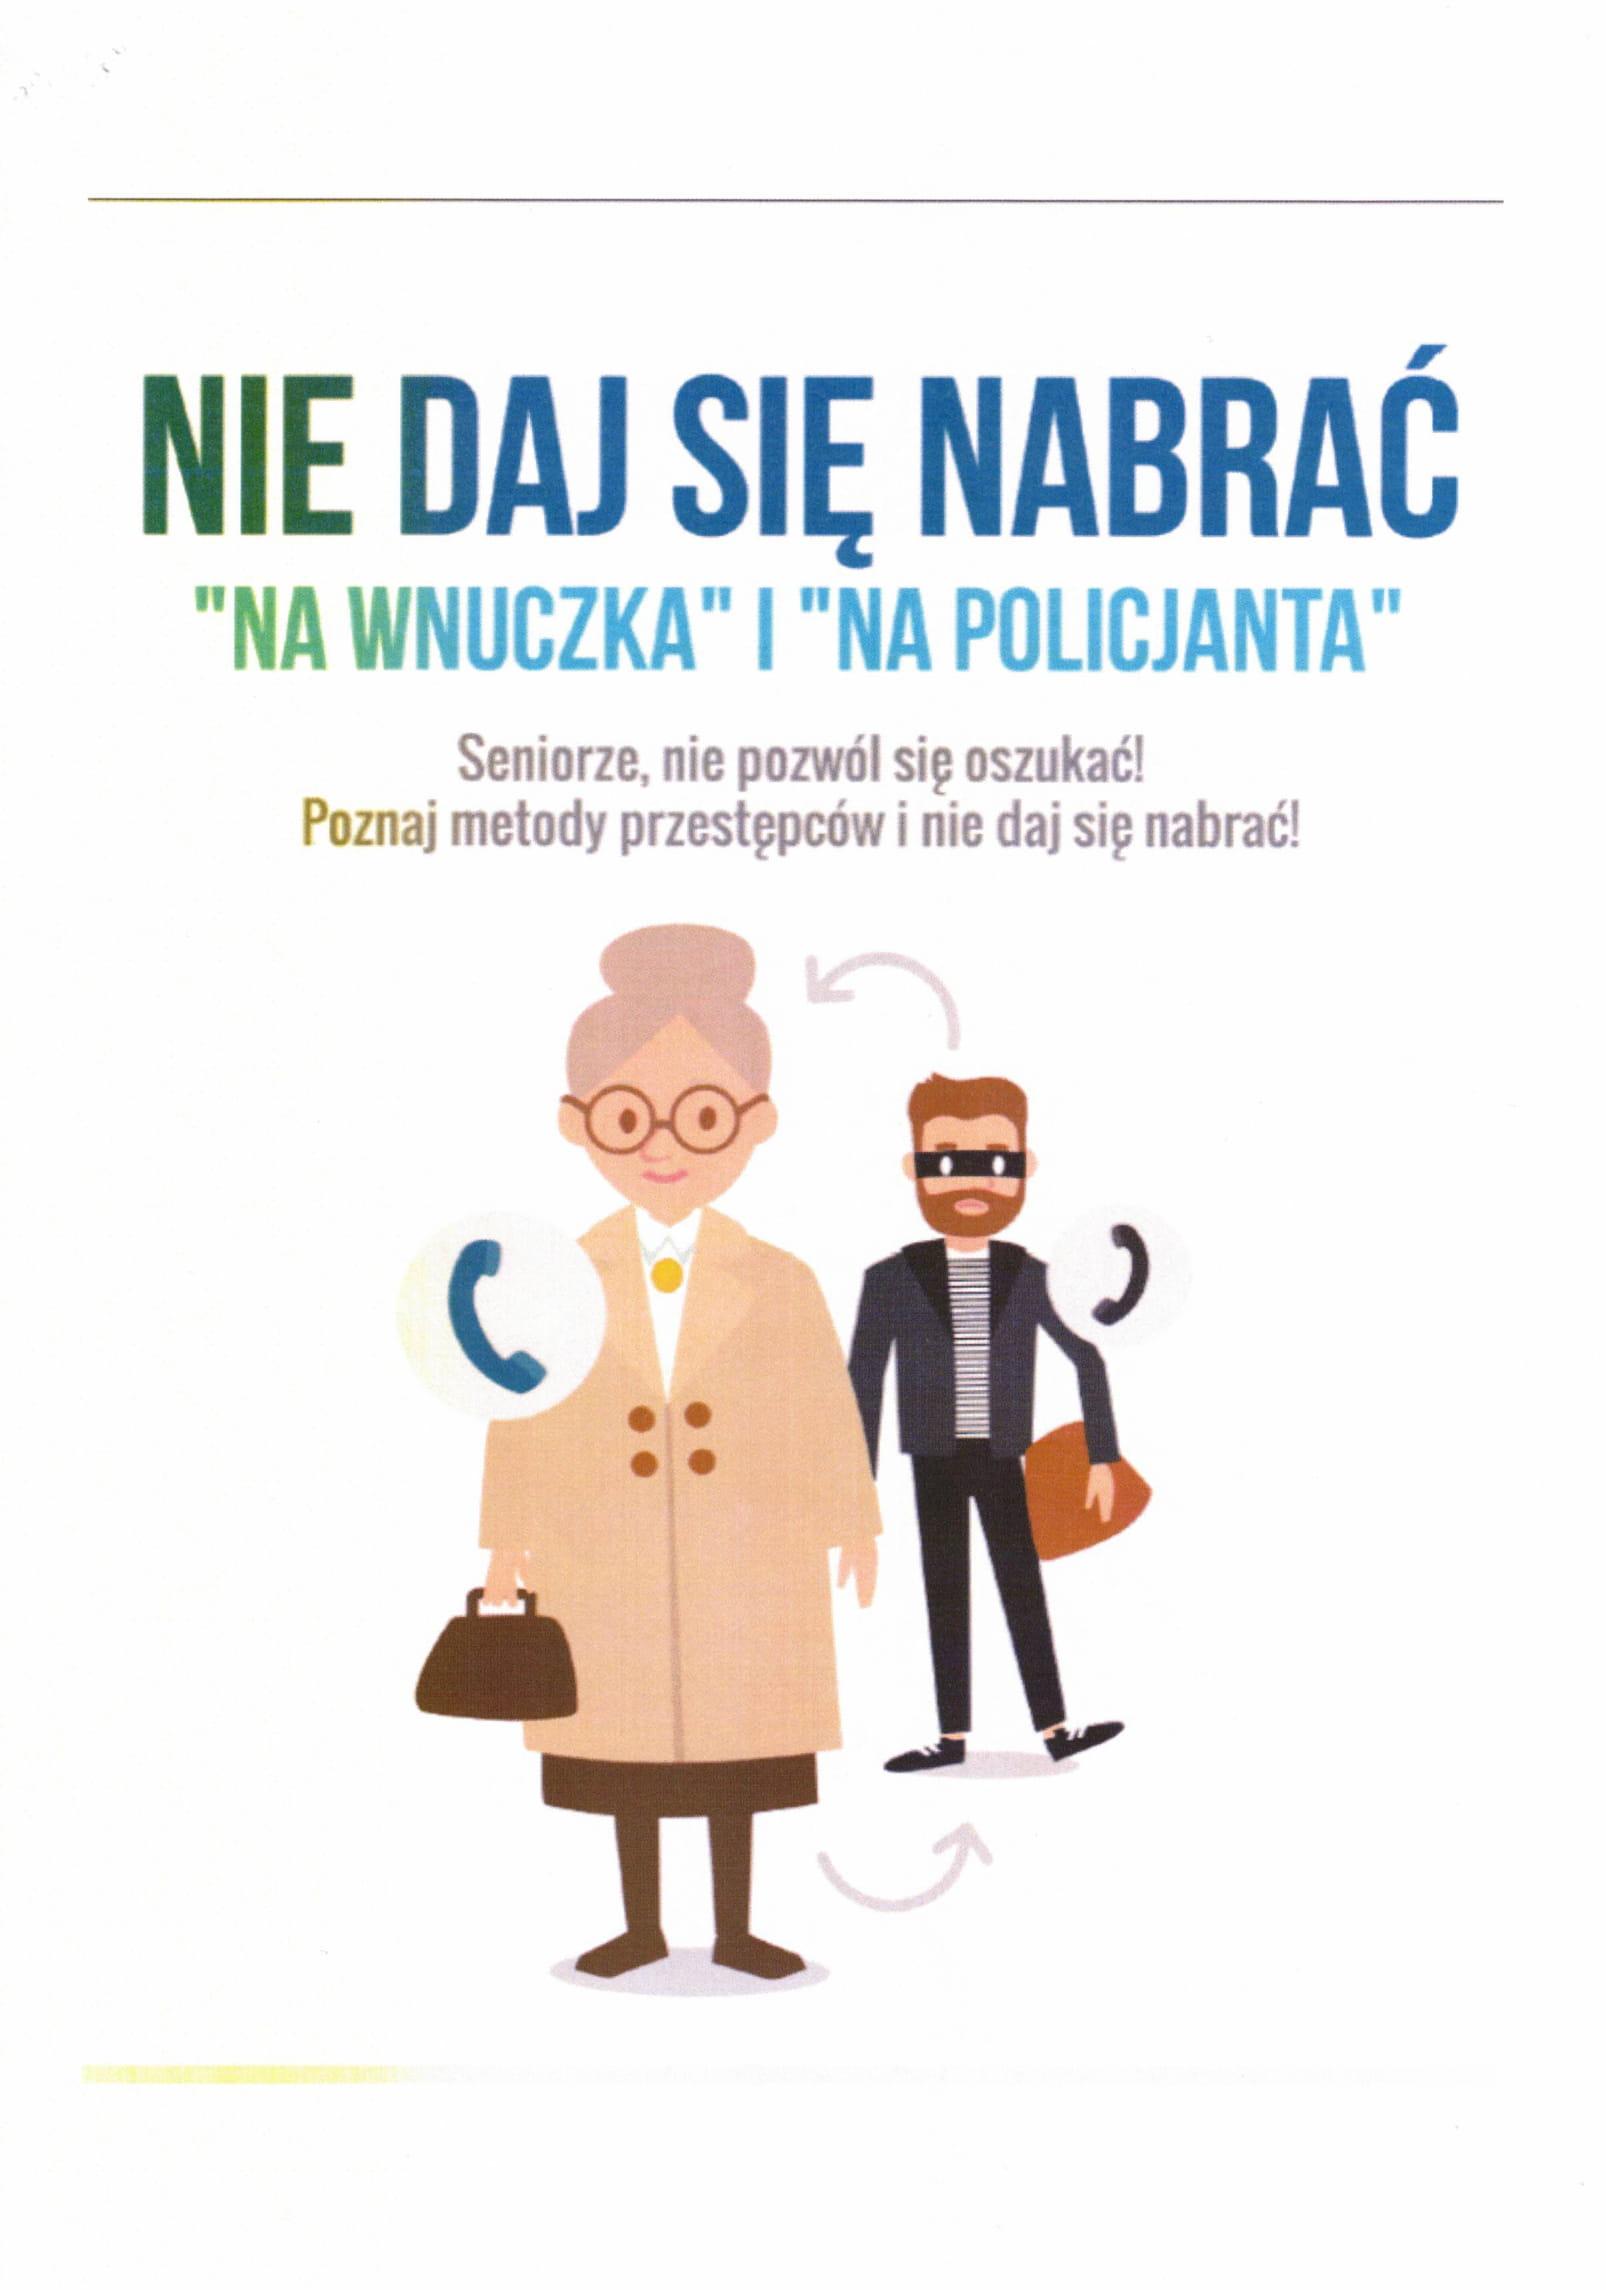 Plakat: Nie daj się oszustom